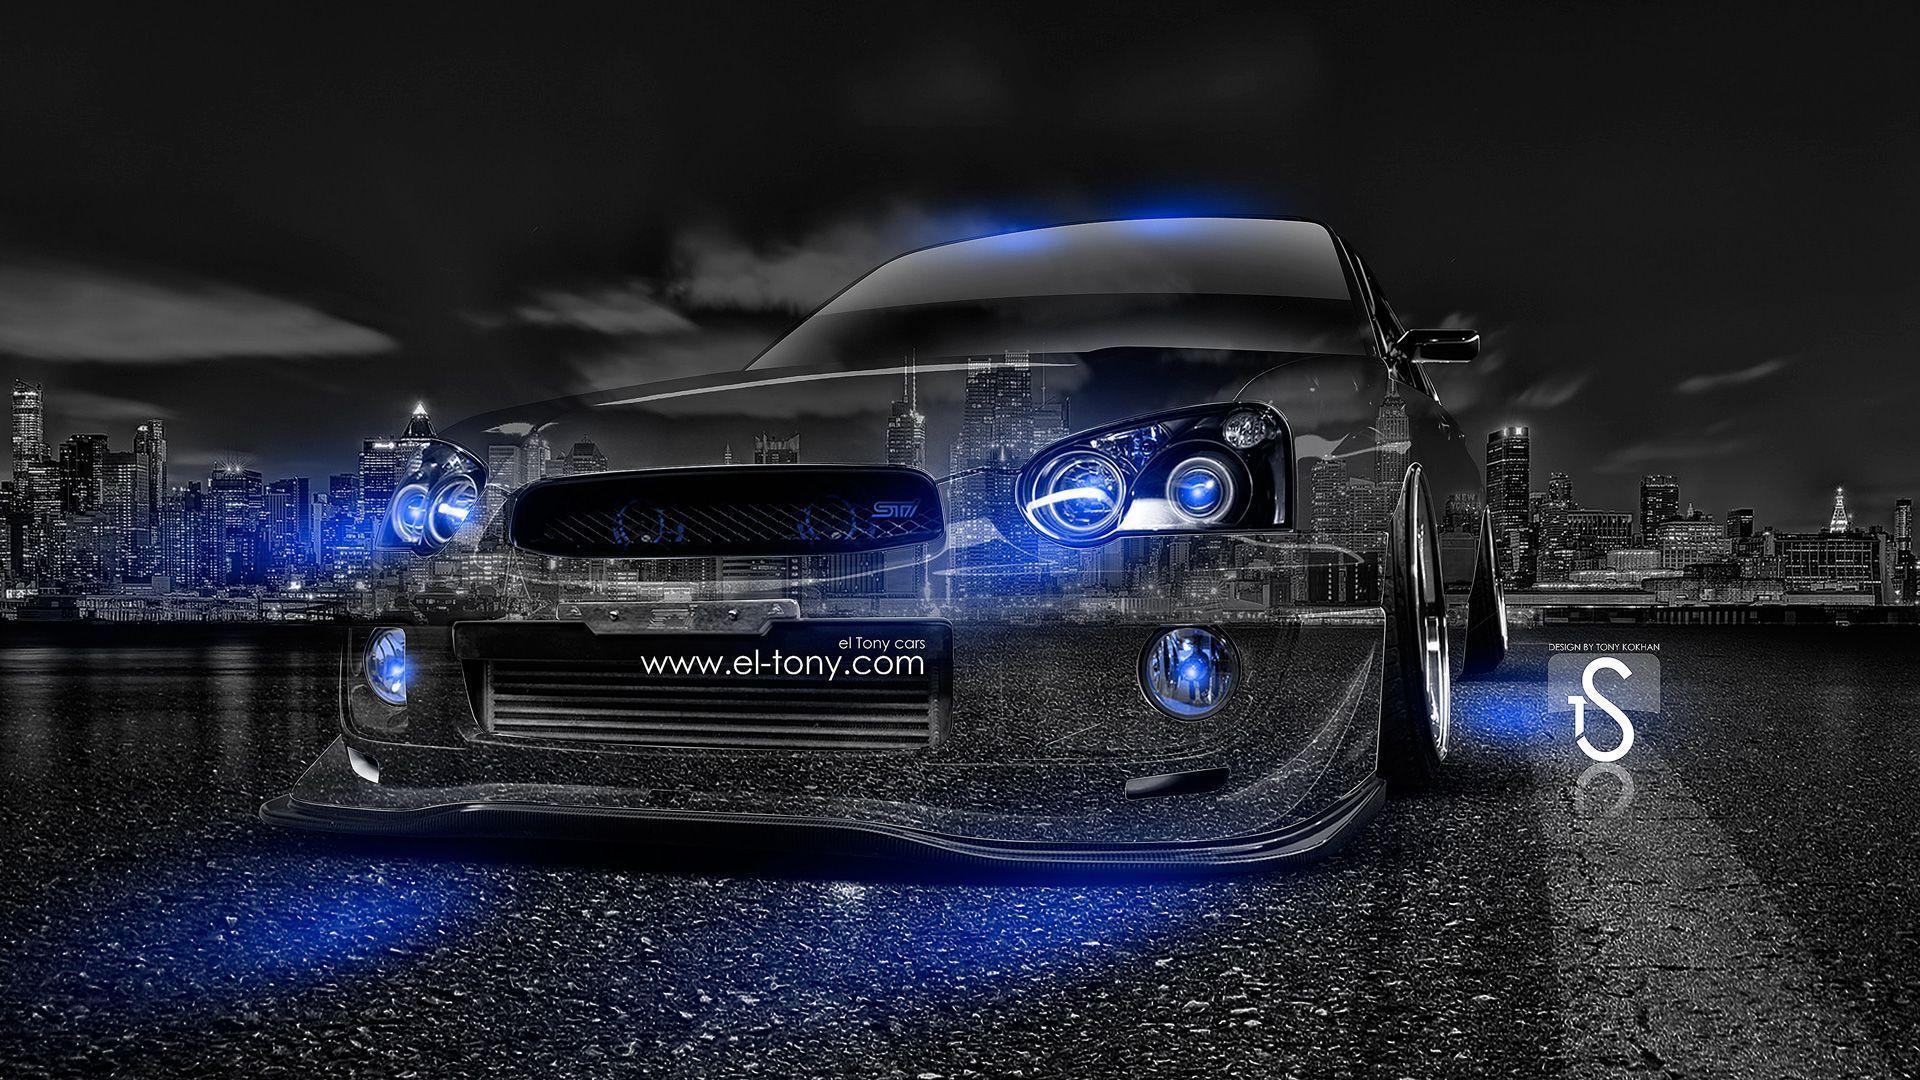 Subaru wrx jdm sti cars hd wallpaper - City Car Subaru Wrx Sti Jdm